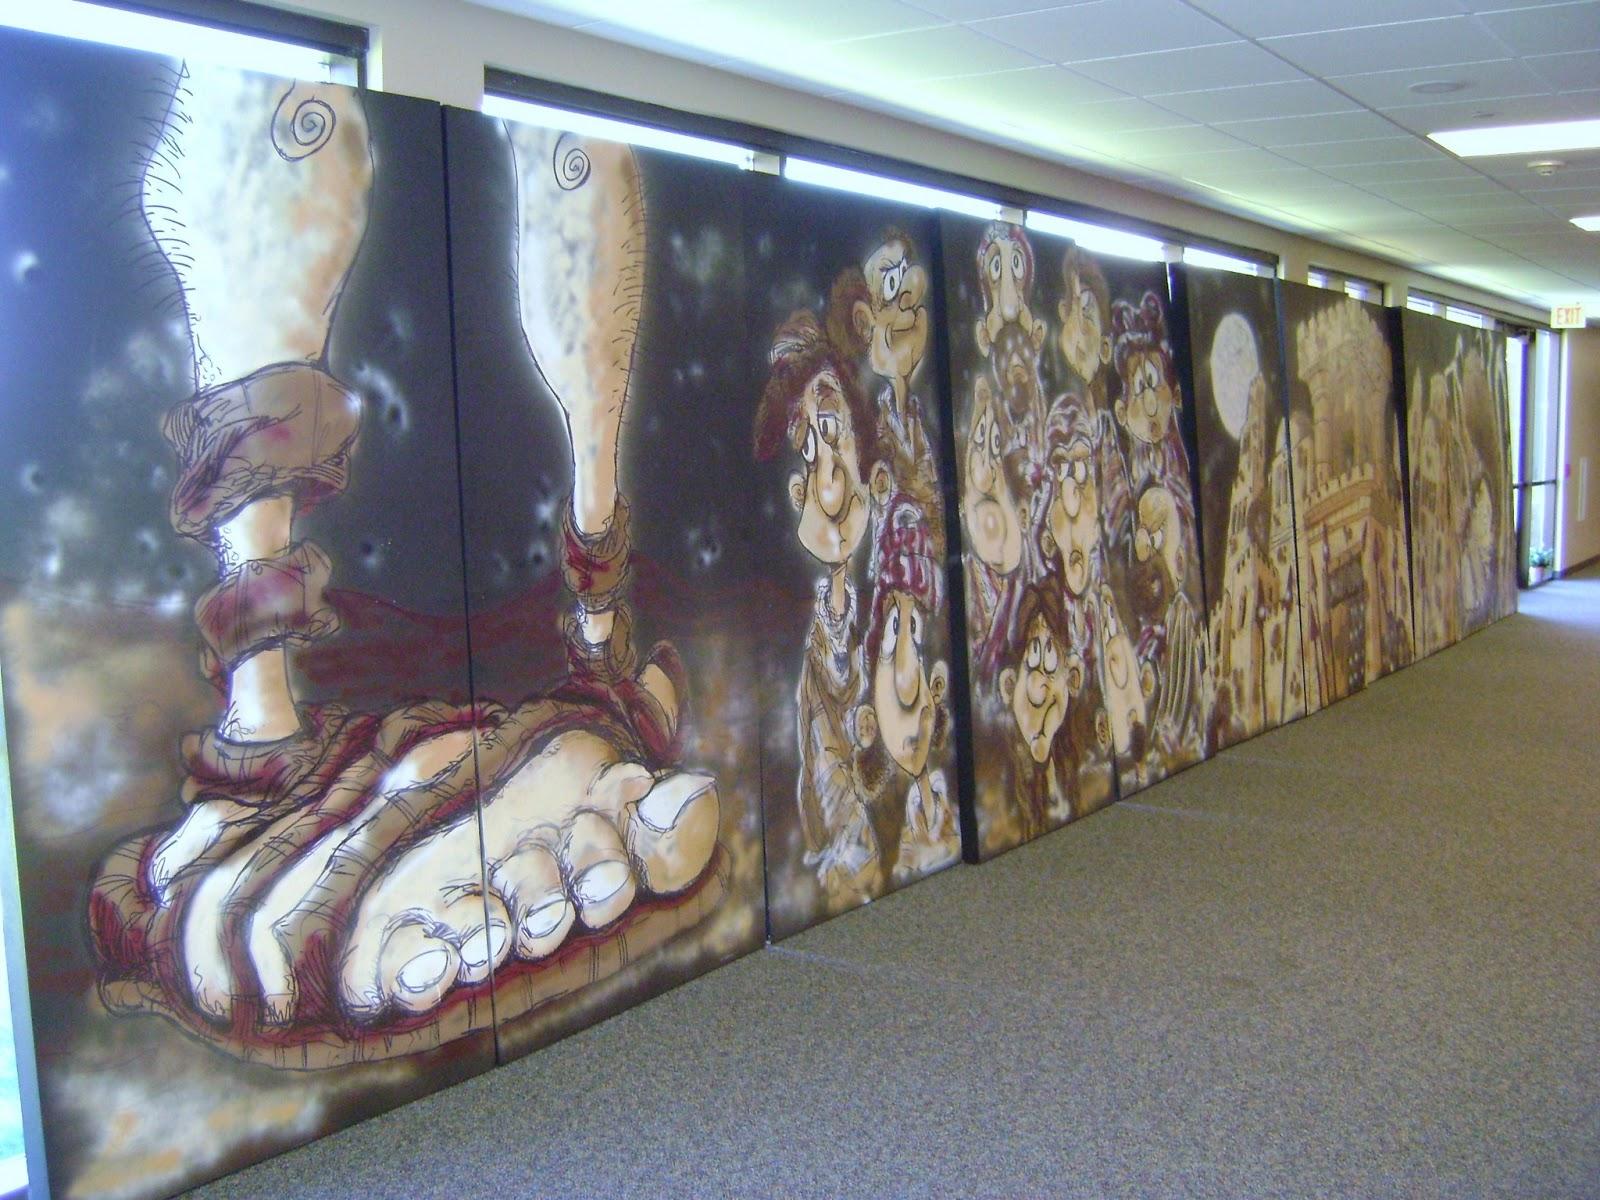 The Mural Garage: Spray Painted Mural for Church Sermon Series